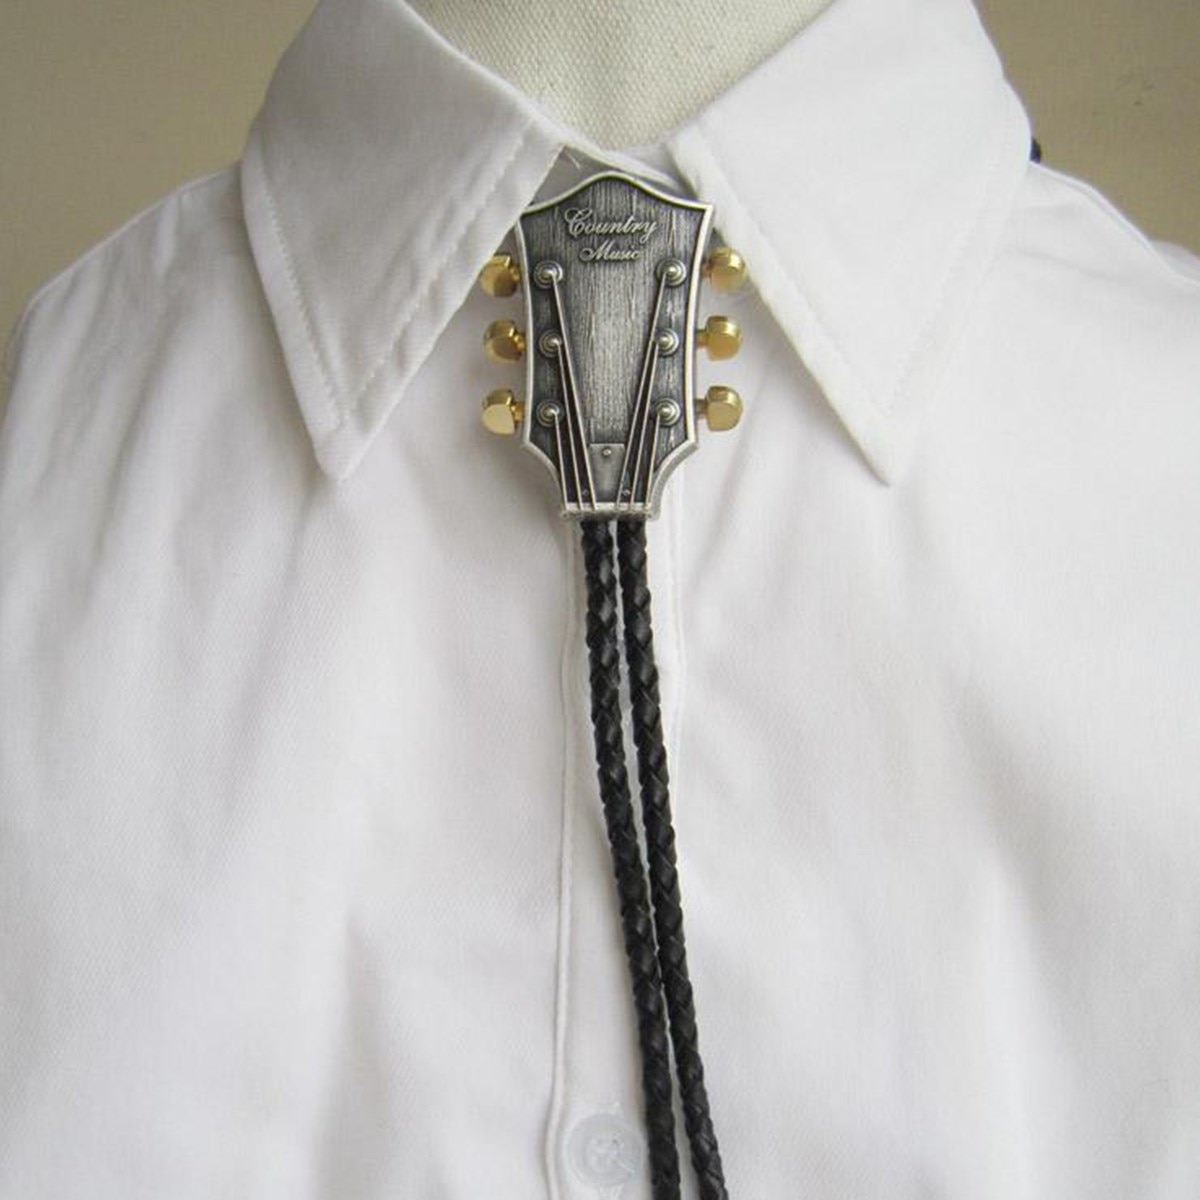 Мужской модный галстук-бабочка, ковбойский мужской аксессуар, черный галстук-бабочка из искусственной кожи с надписью «кантри музыка», мет...